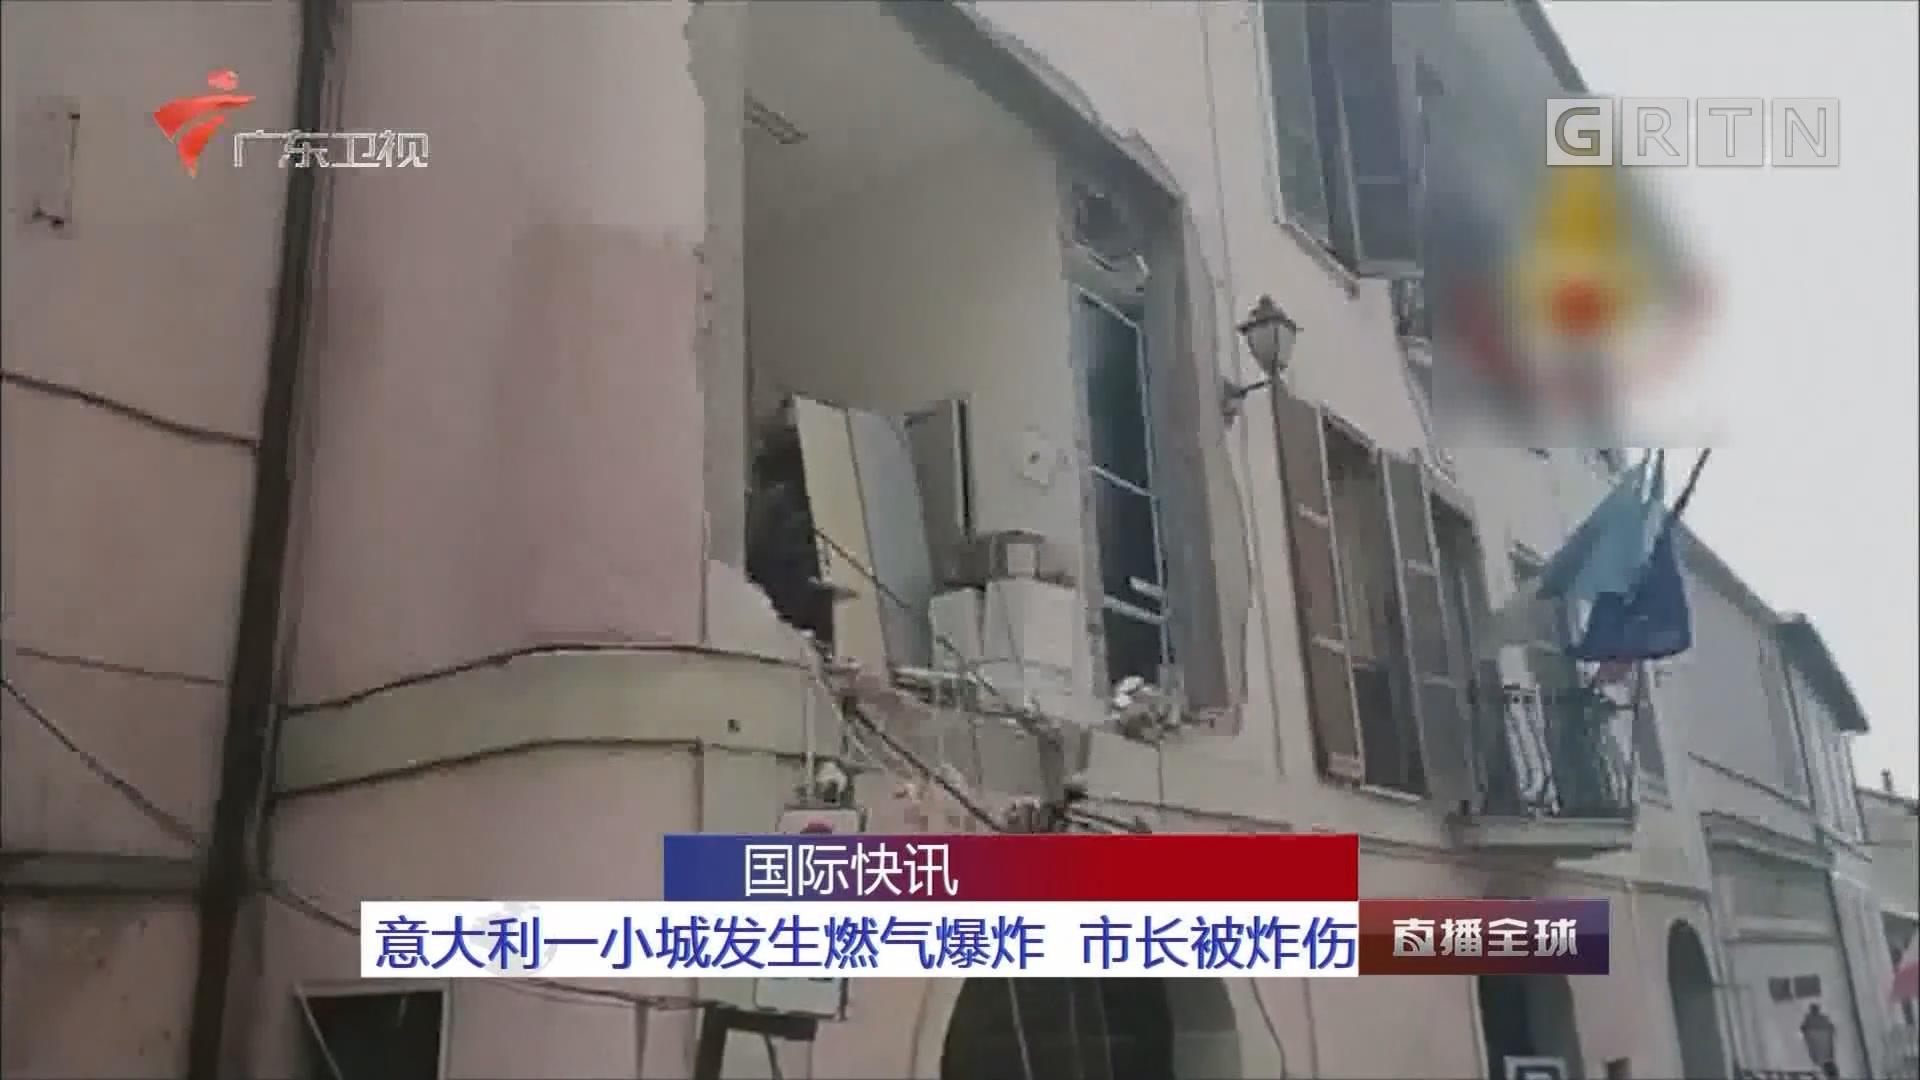 意大利一小城发生燃气爆炸 市长被炸伤